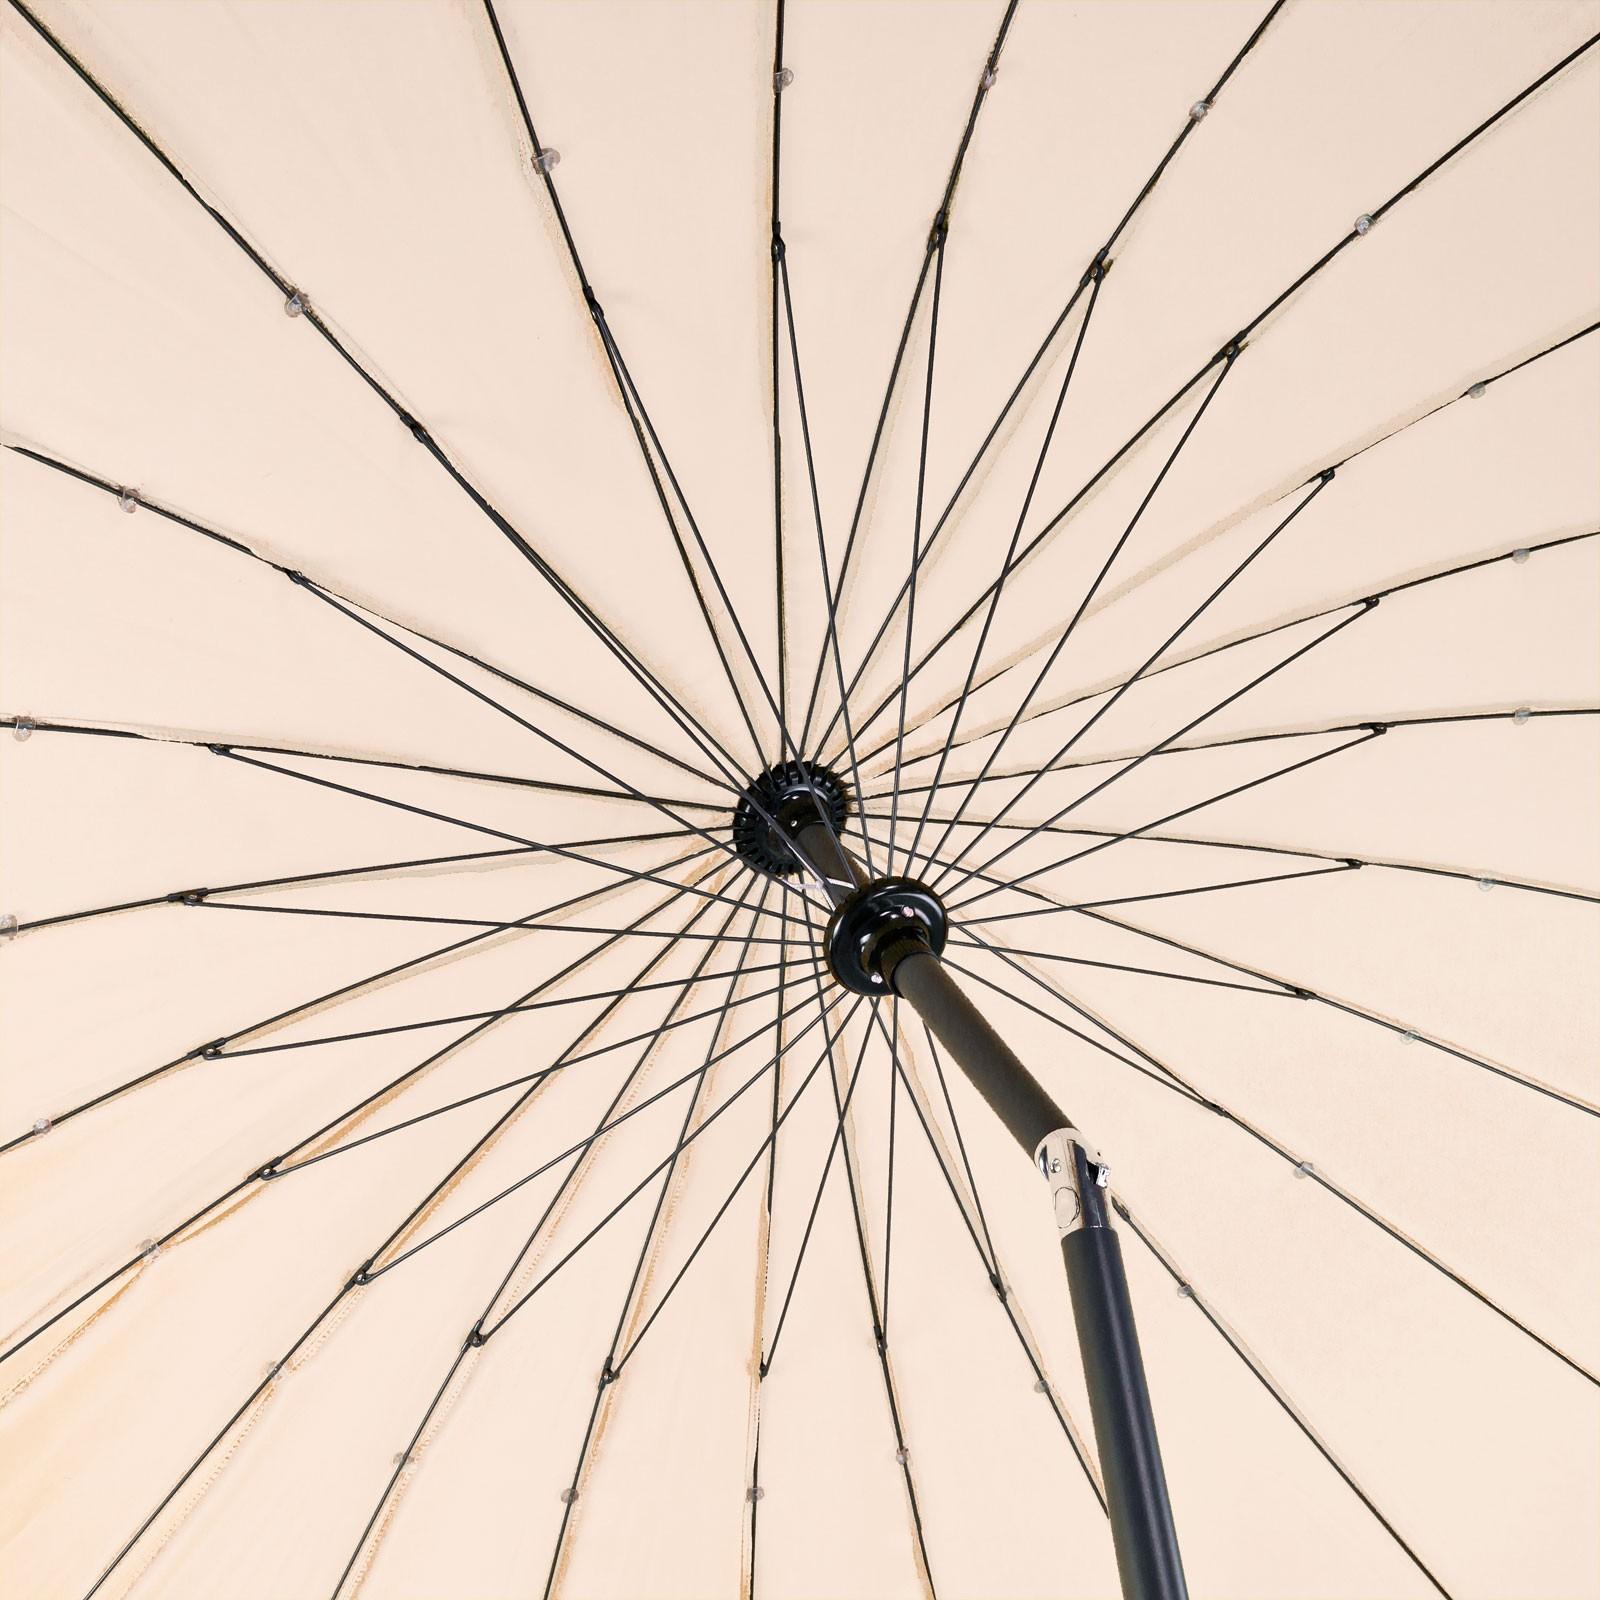 sonnenschirm gartenschirm schirm kurbelschirm tokio rund 2 5 m farbe nach wahl ebay. Black Bedroom Furniture Sets. Home Design Ideas